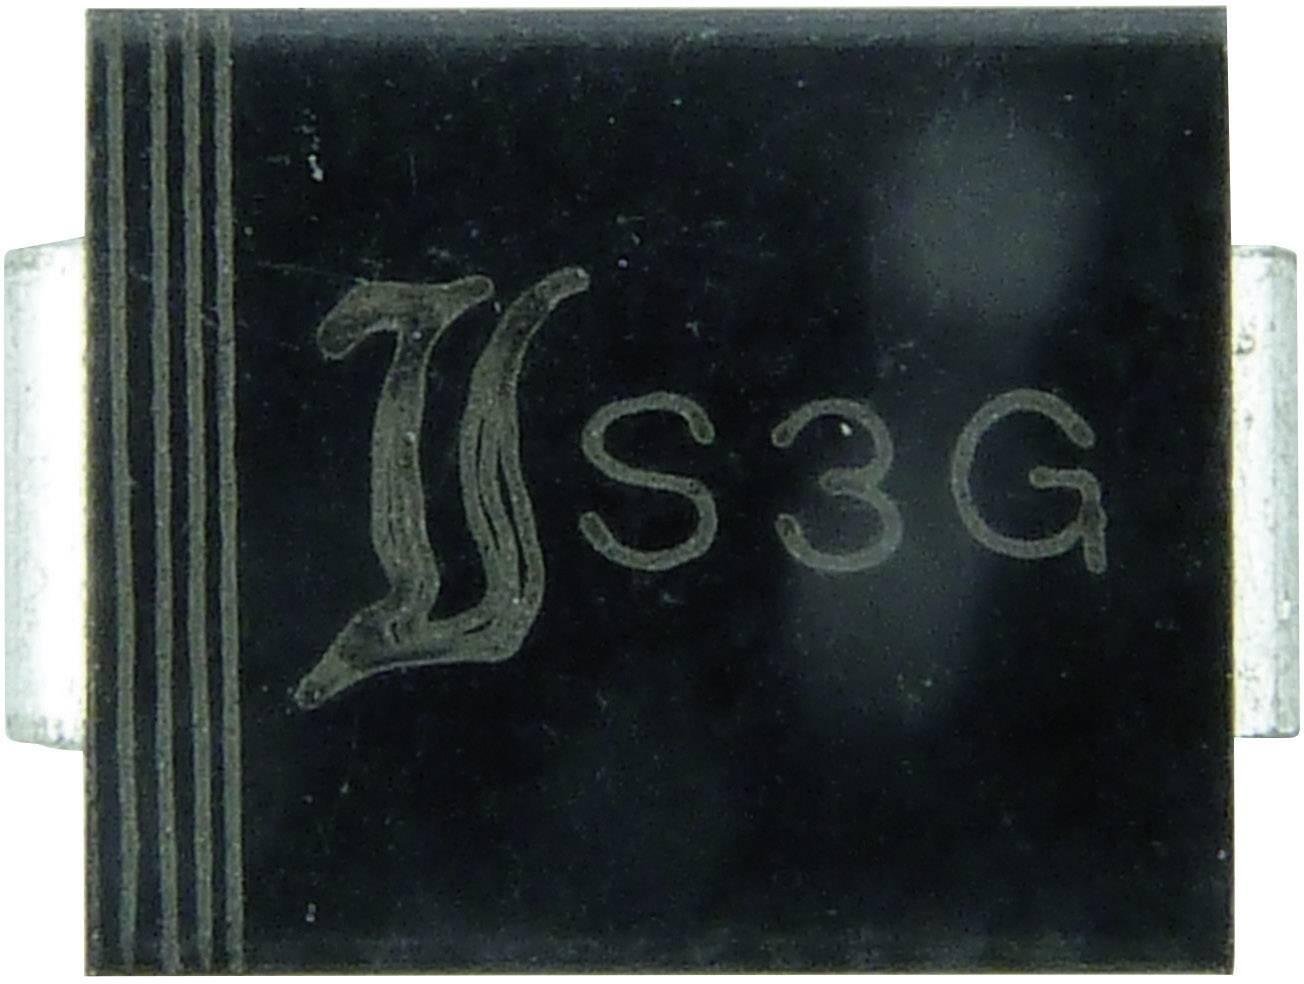 Zenerova dioda Diotec Z3SMC18, U(zen) 18 V